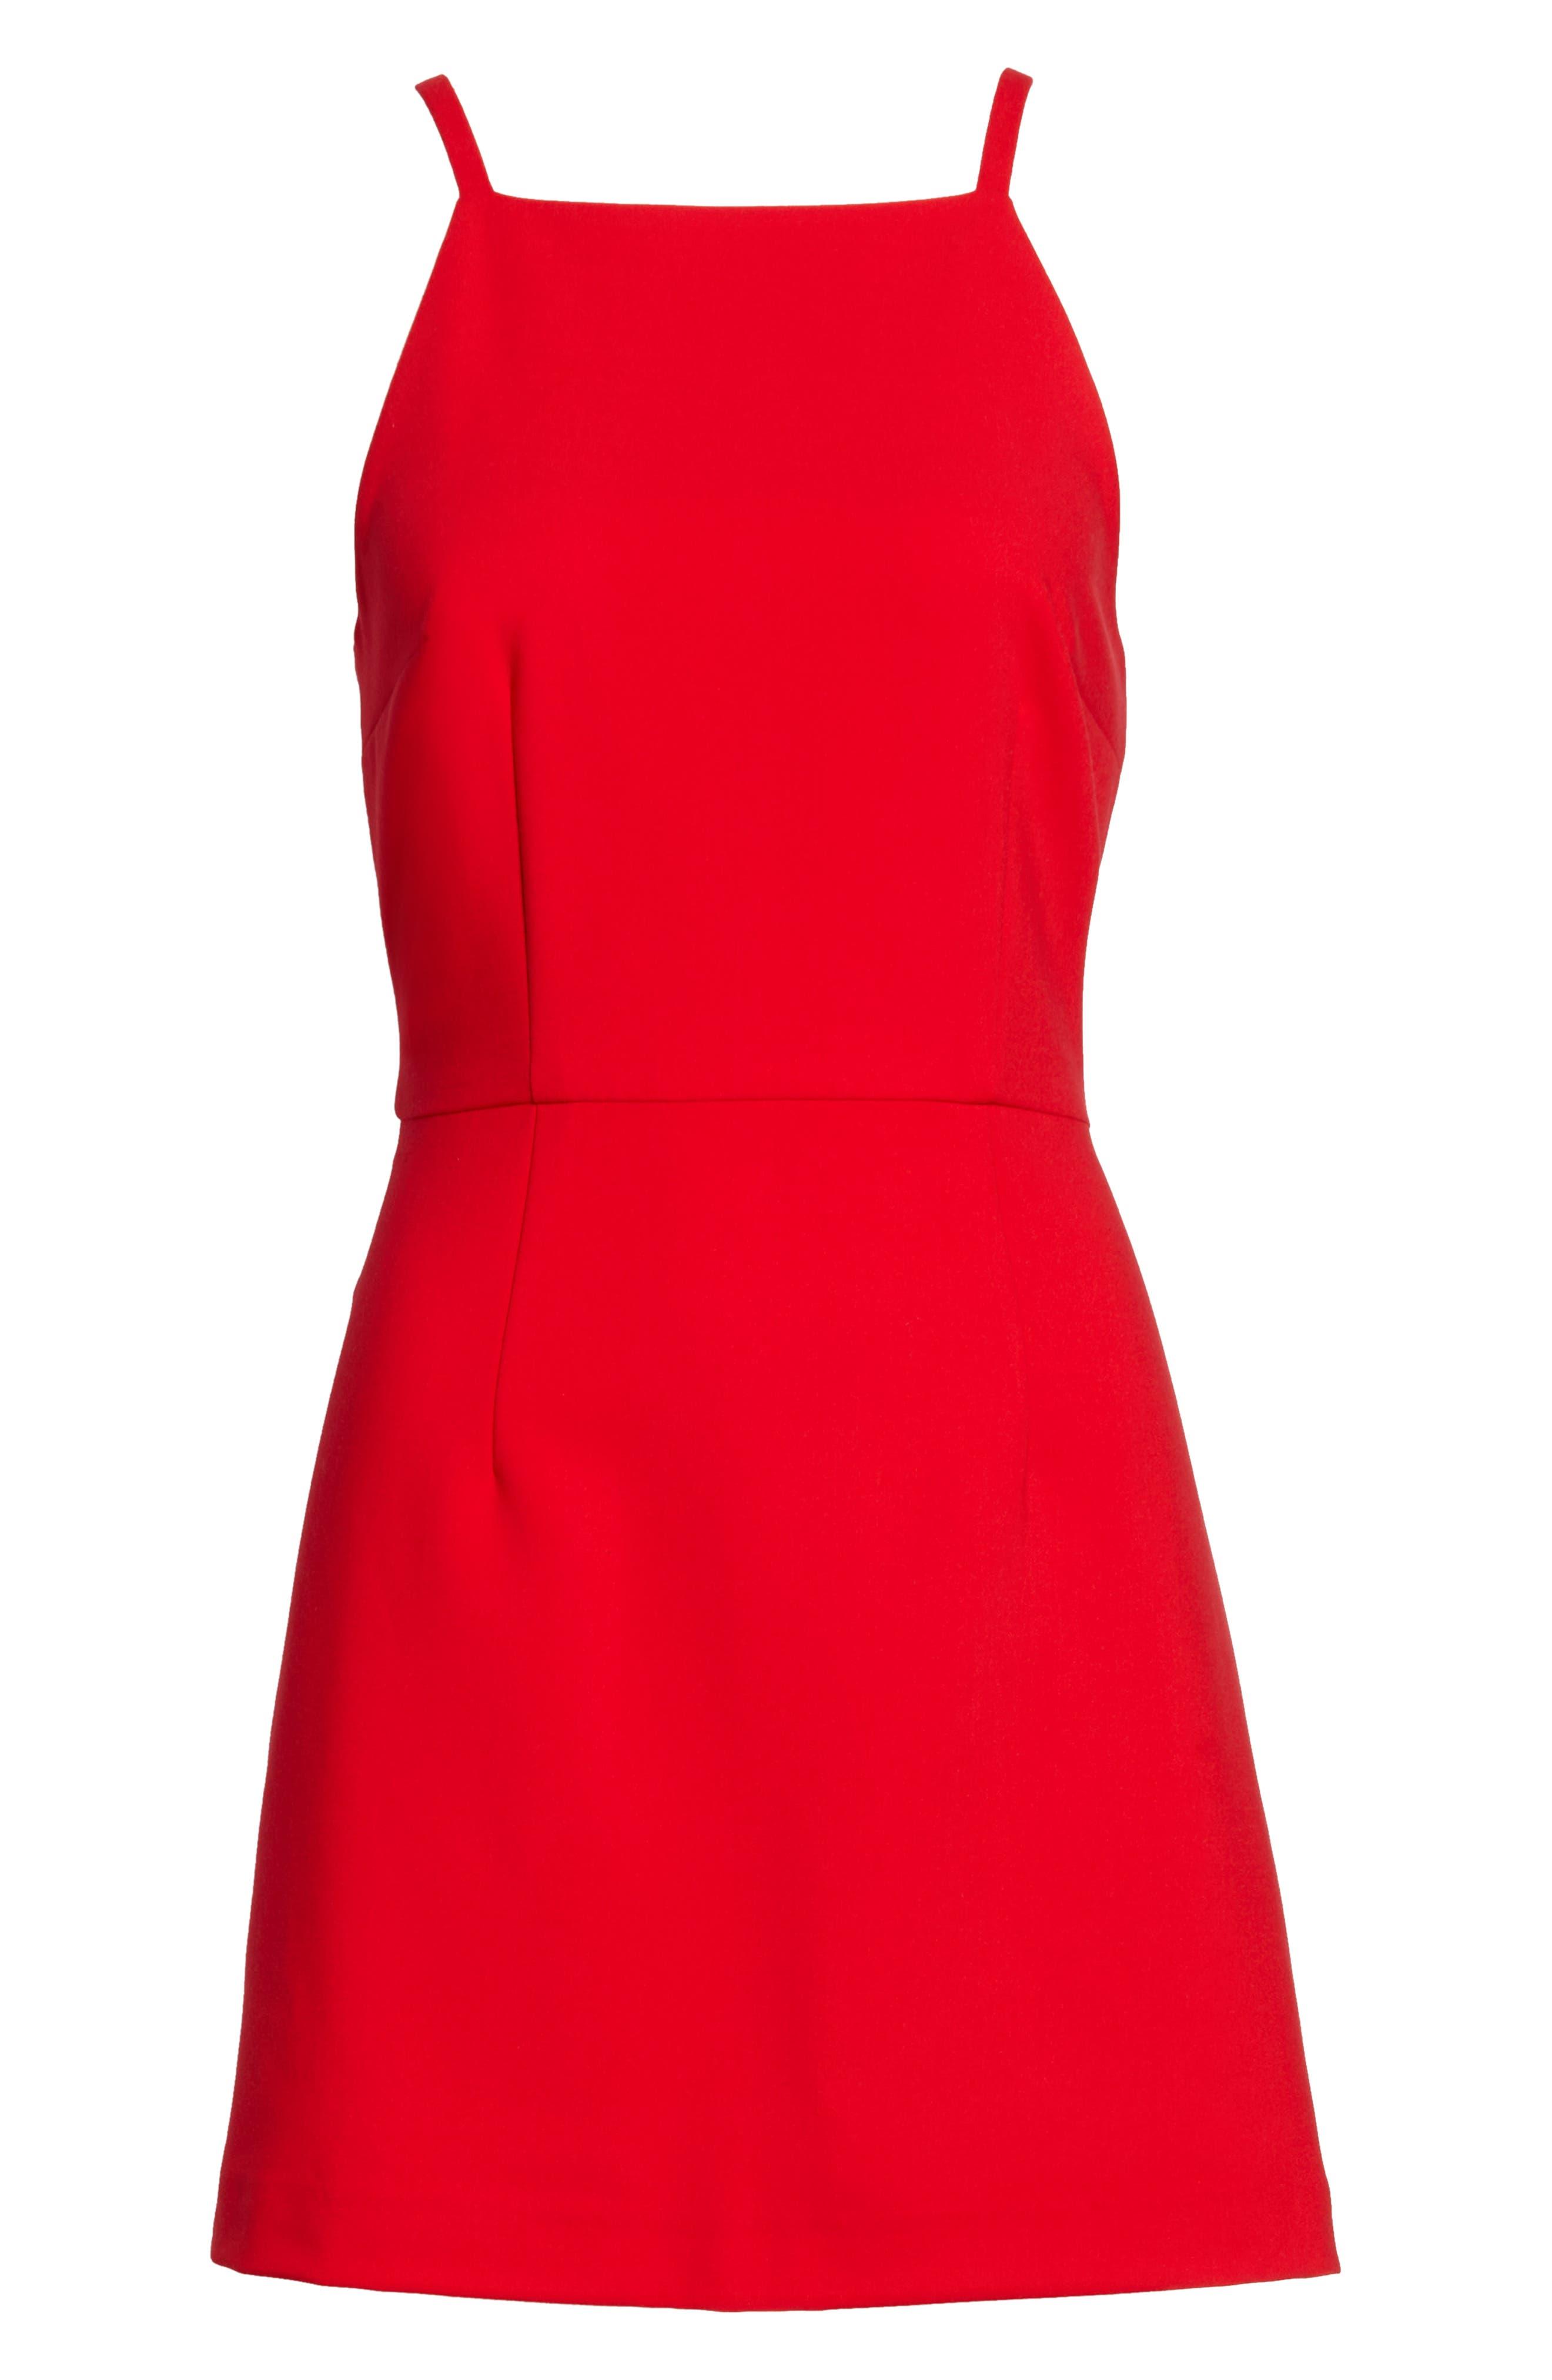 Whisper Light Sheath Dress,                             Alternate thumbnail 7, color,                             ROYAL SCARLETT